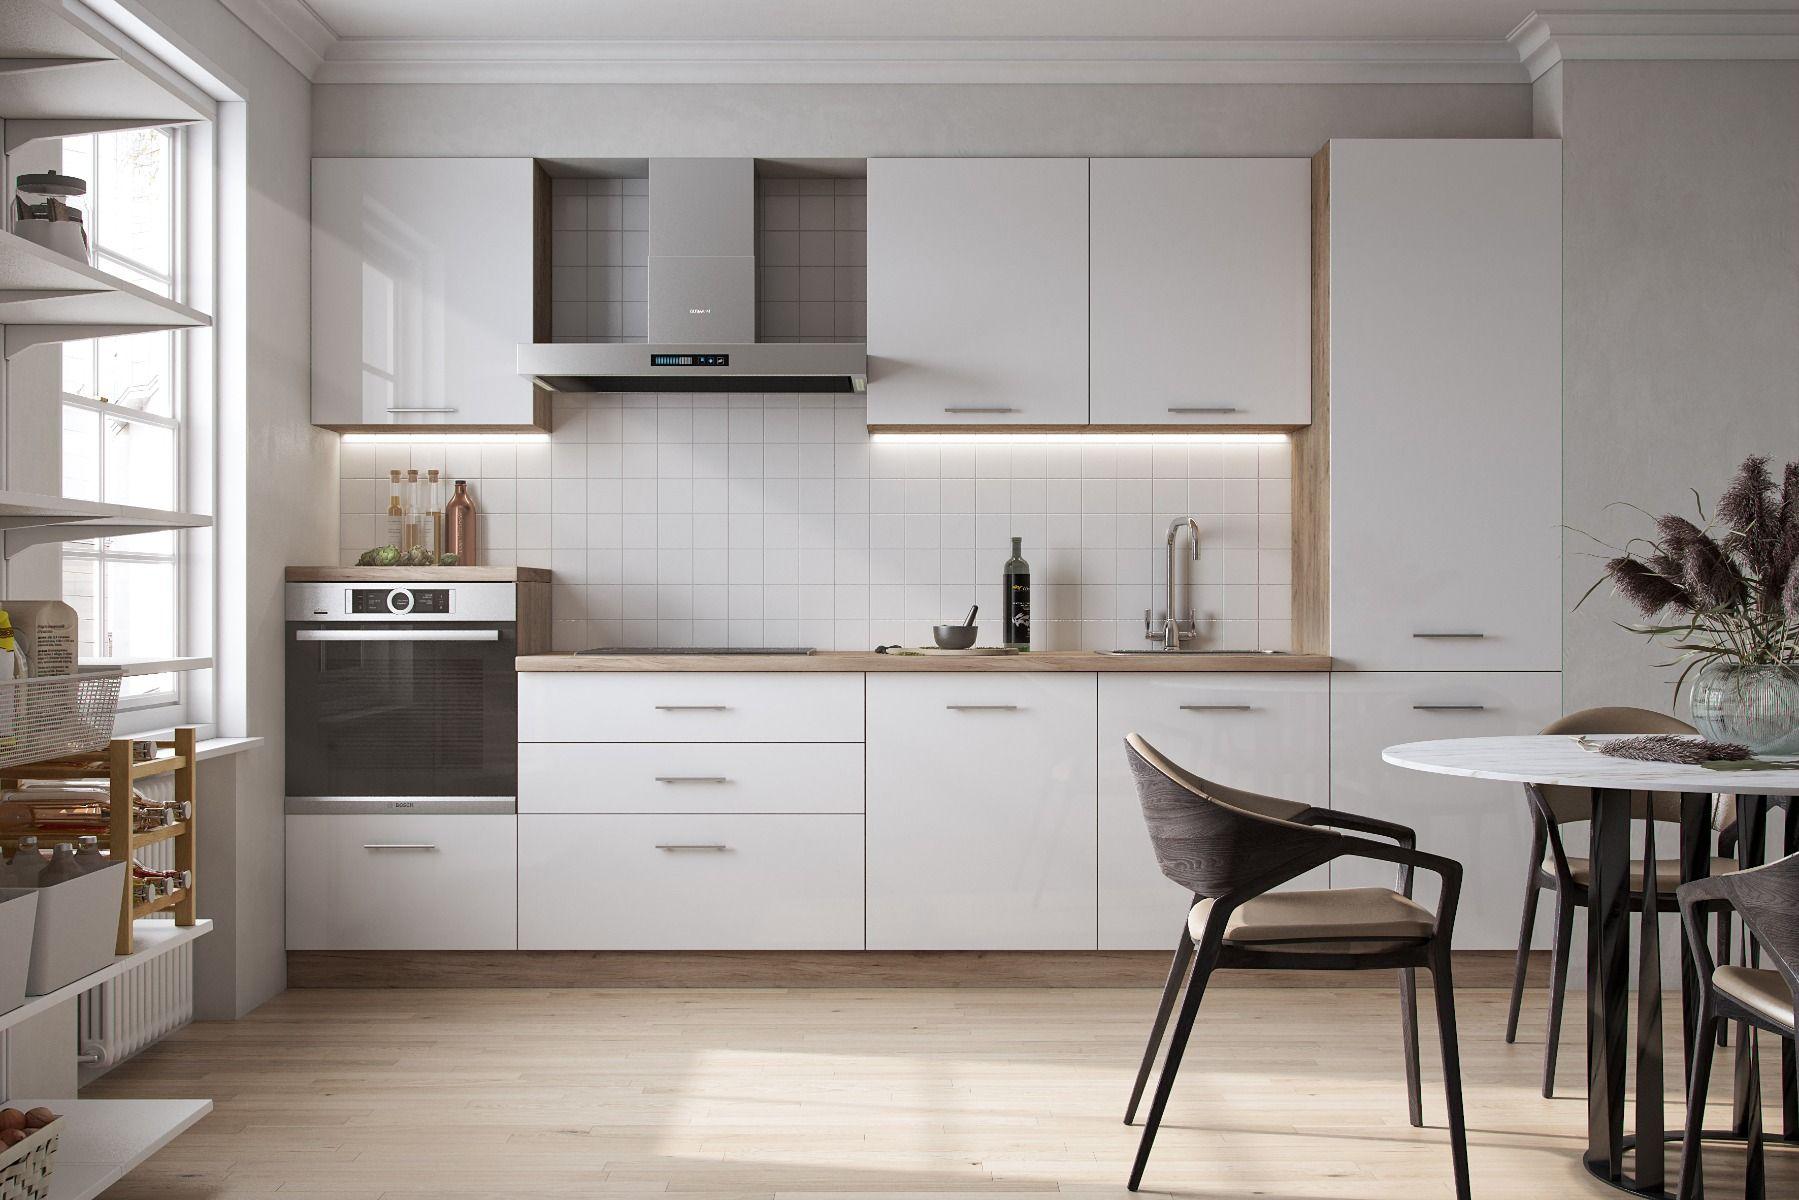 blok kuhinja je odličan izbor za male prostore